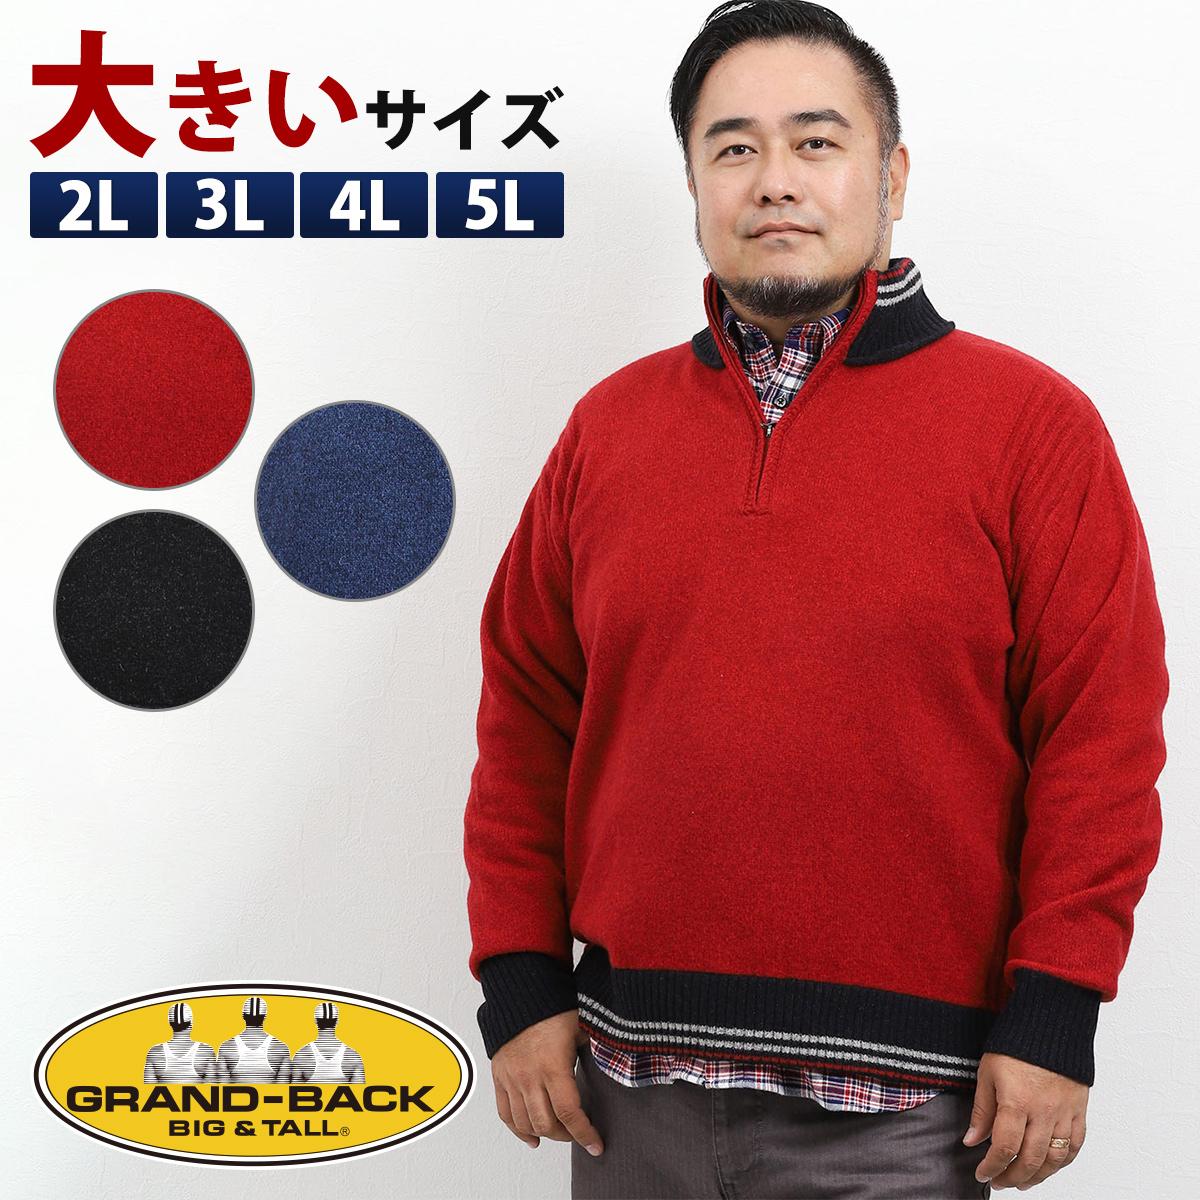 【大きいサイズ・メンズ】グランバック/GRAND-BACK イタリアラム ハーフジップセーター  グランバック 大きいサイズ